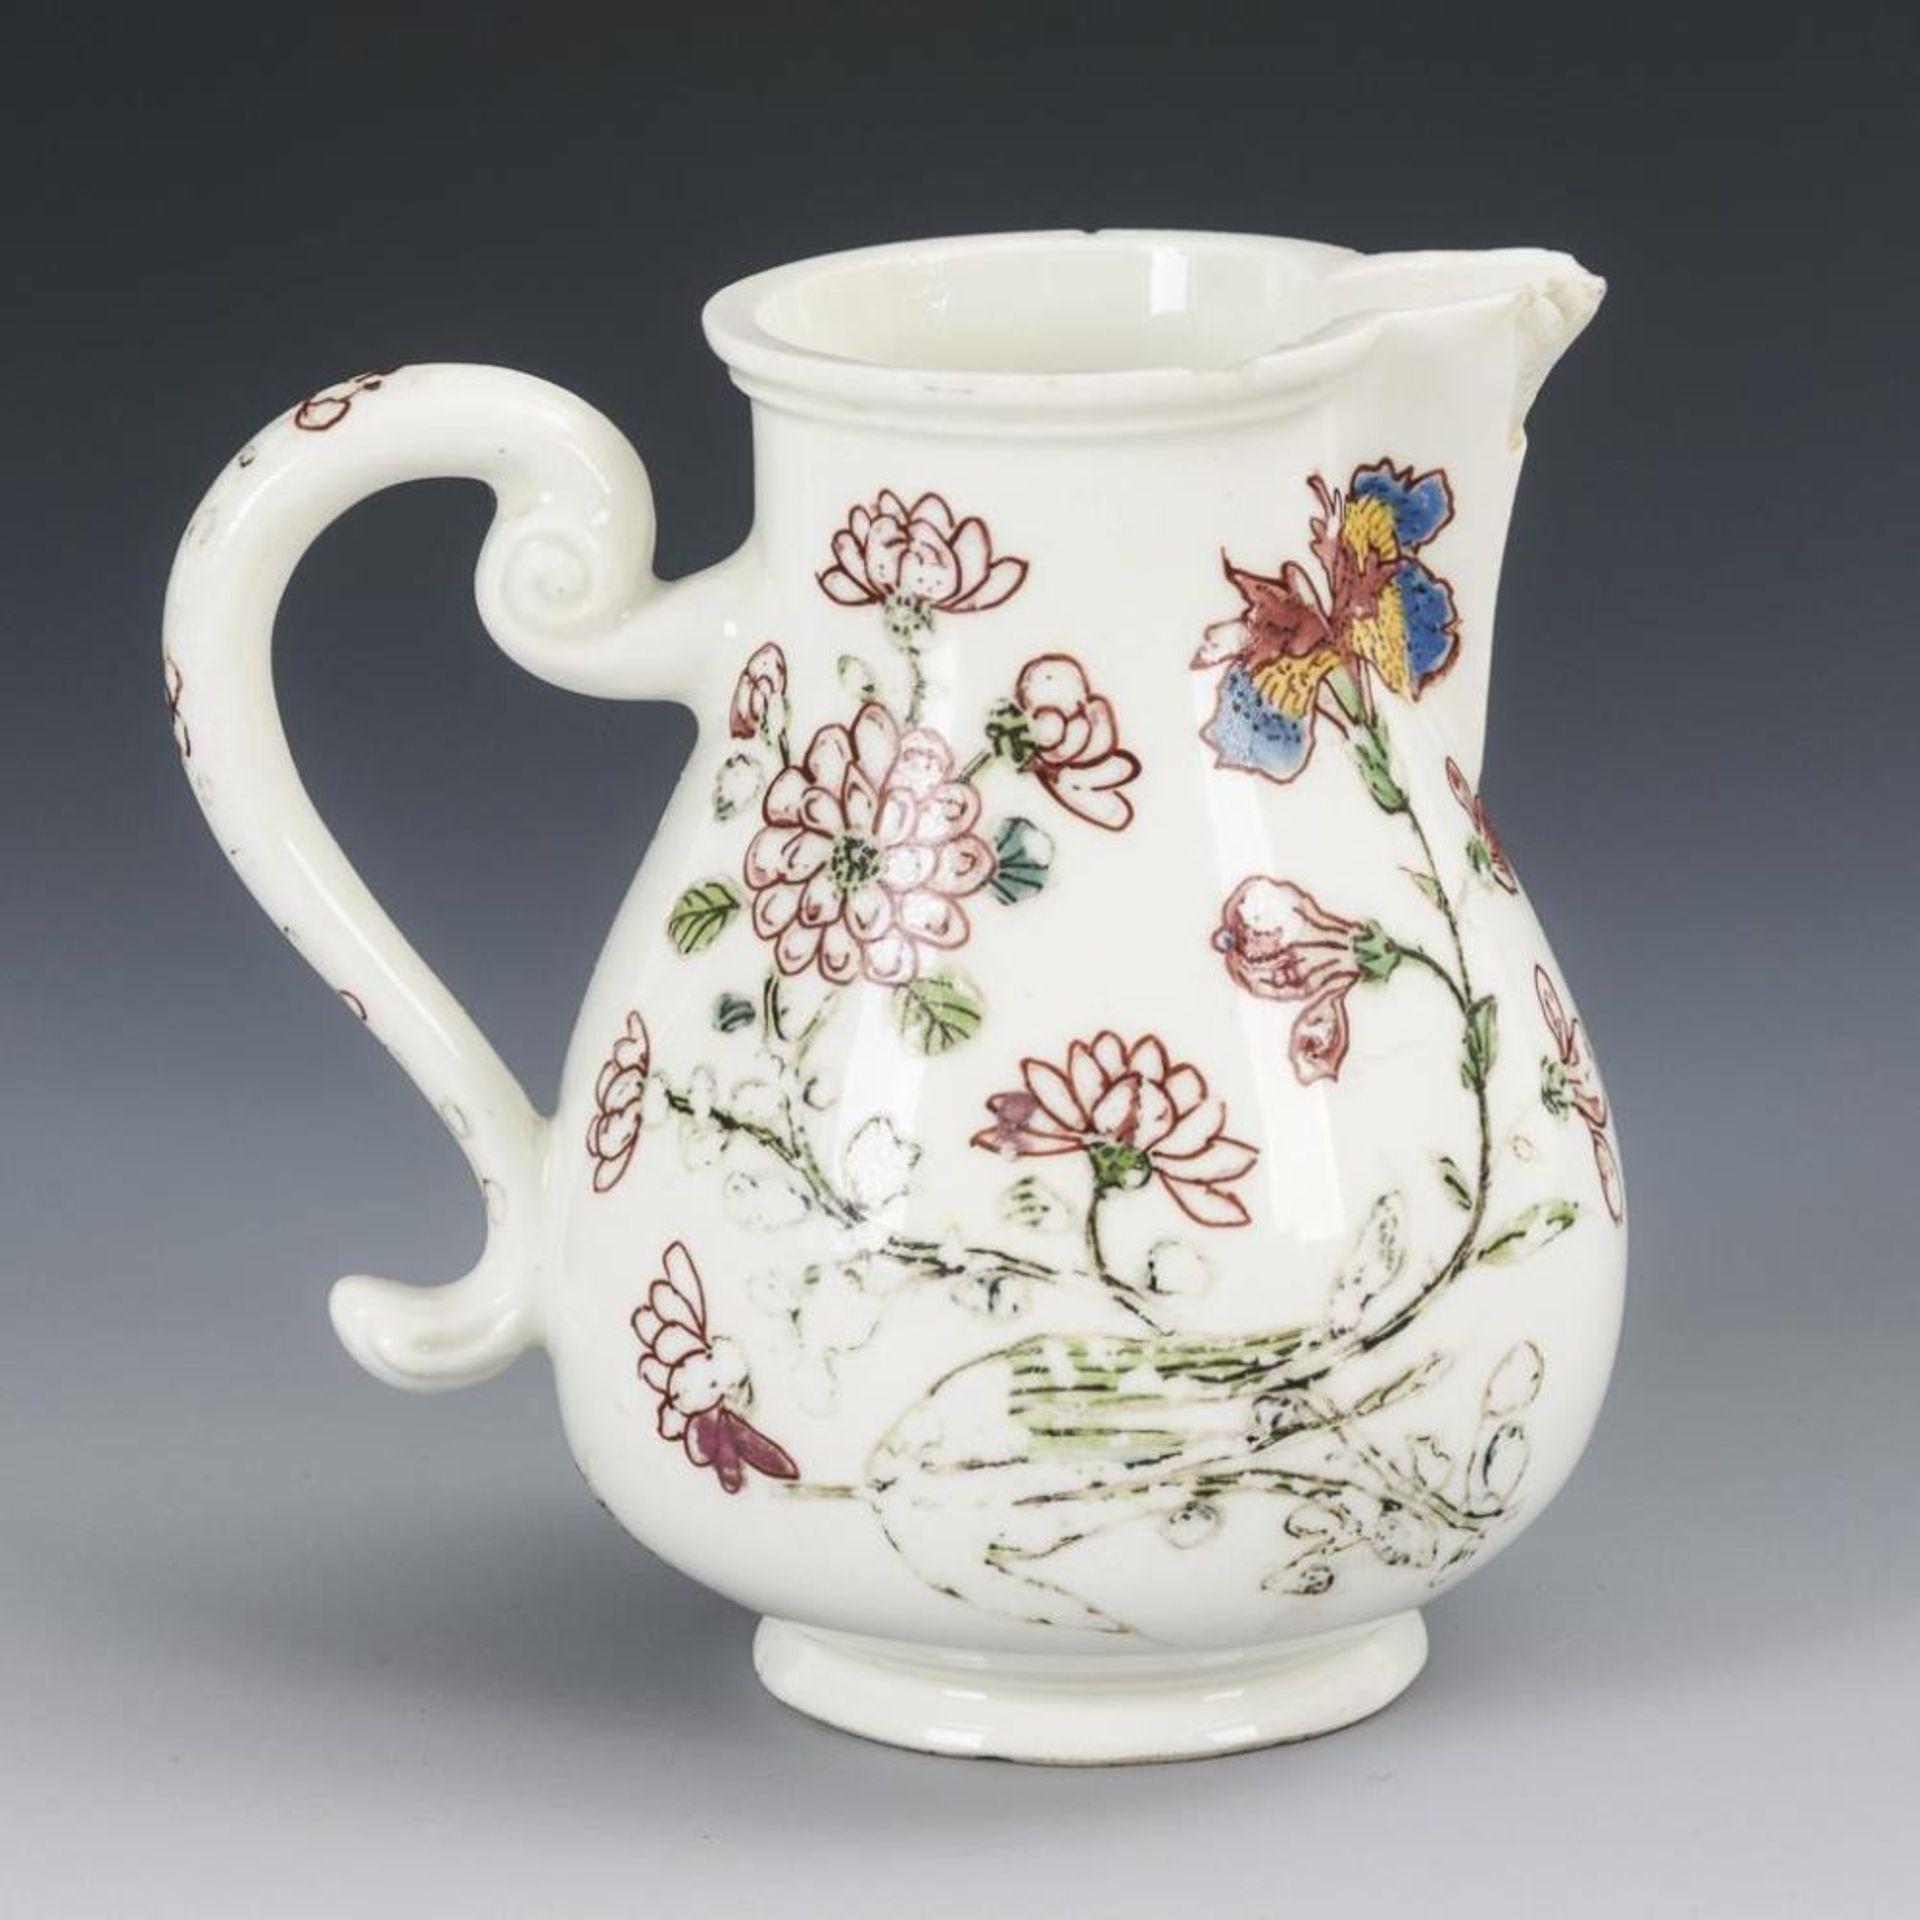 Barockes Milchkännchen mit Blumenmalerei - Image 2 of 5